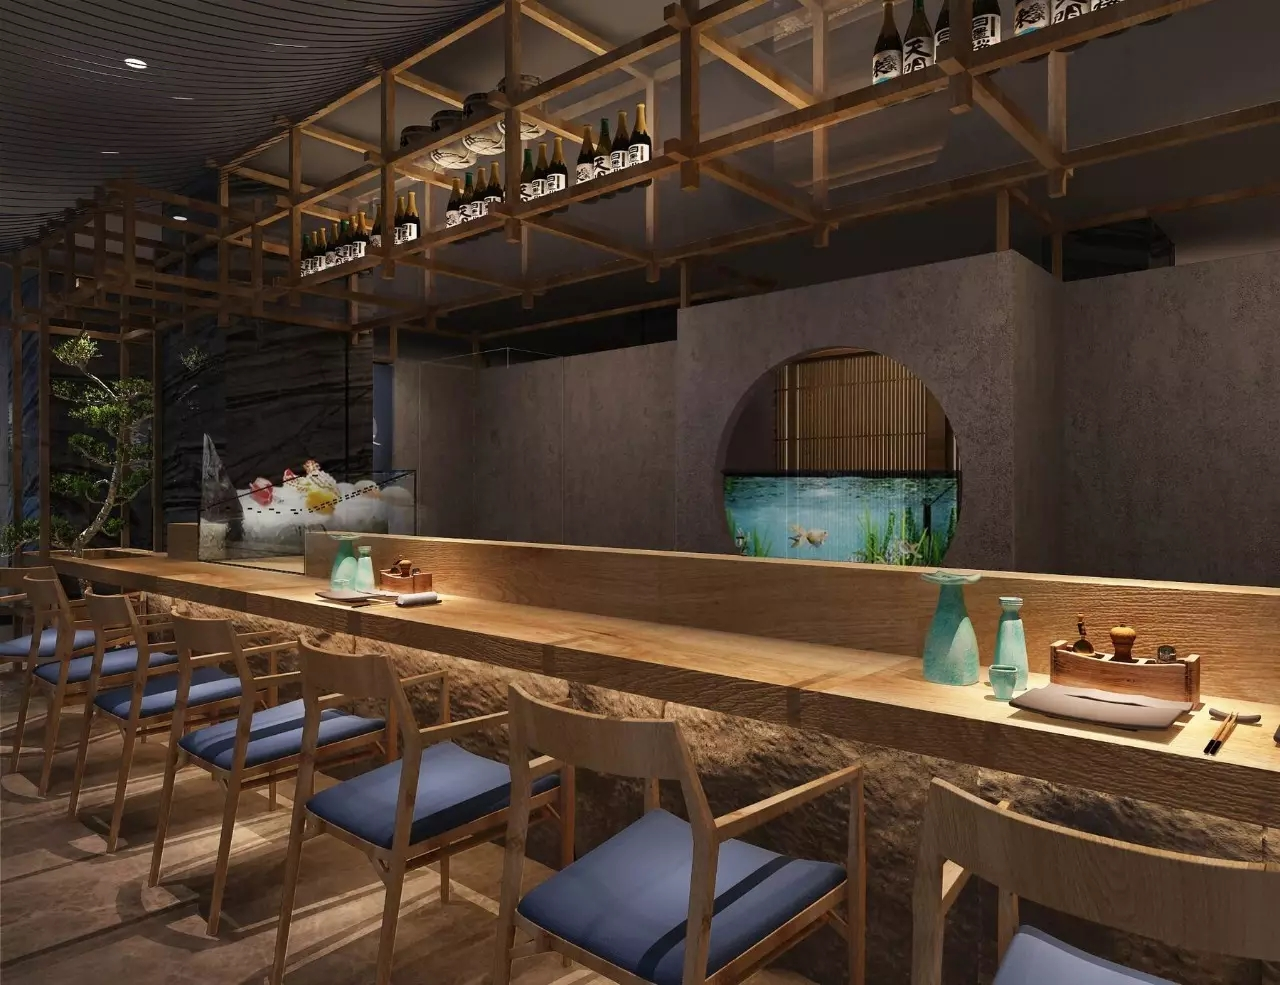 日式烤酒店_火锅店烤专业_成都餐厅设计_肉店刘波设计肉店图片